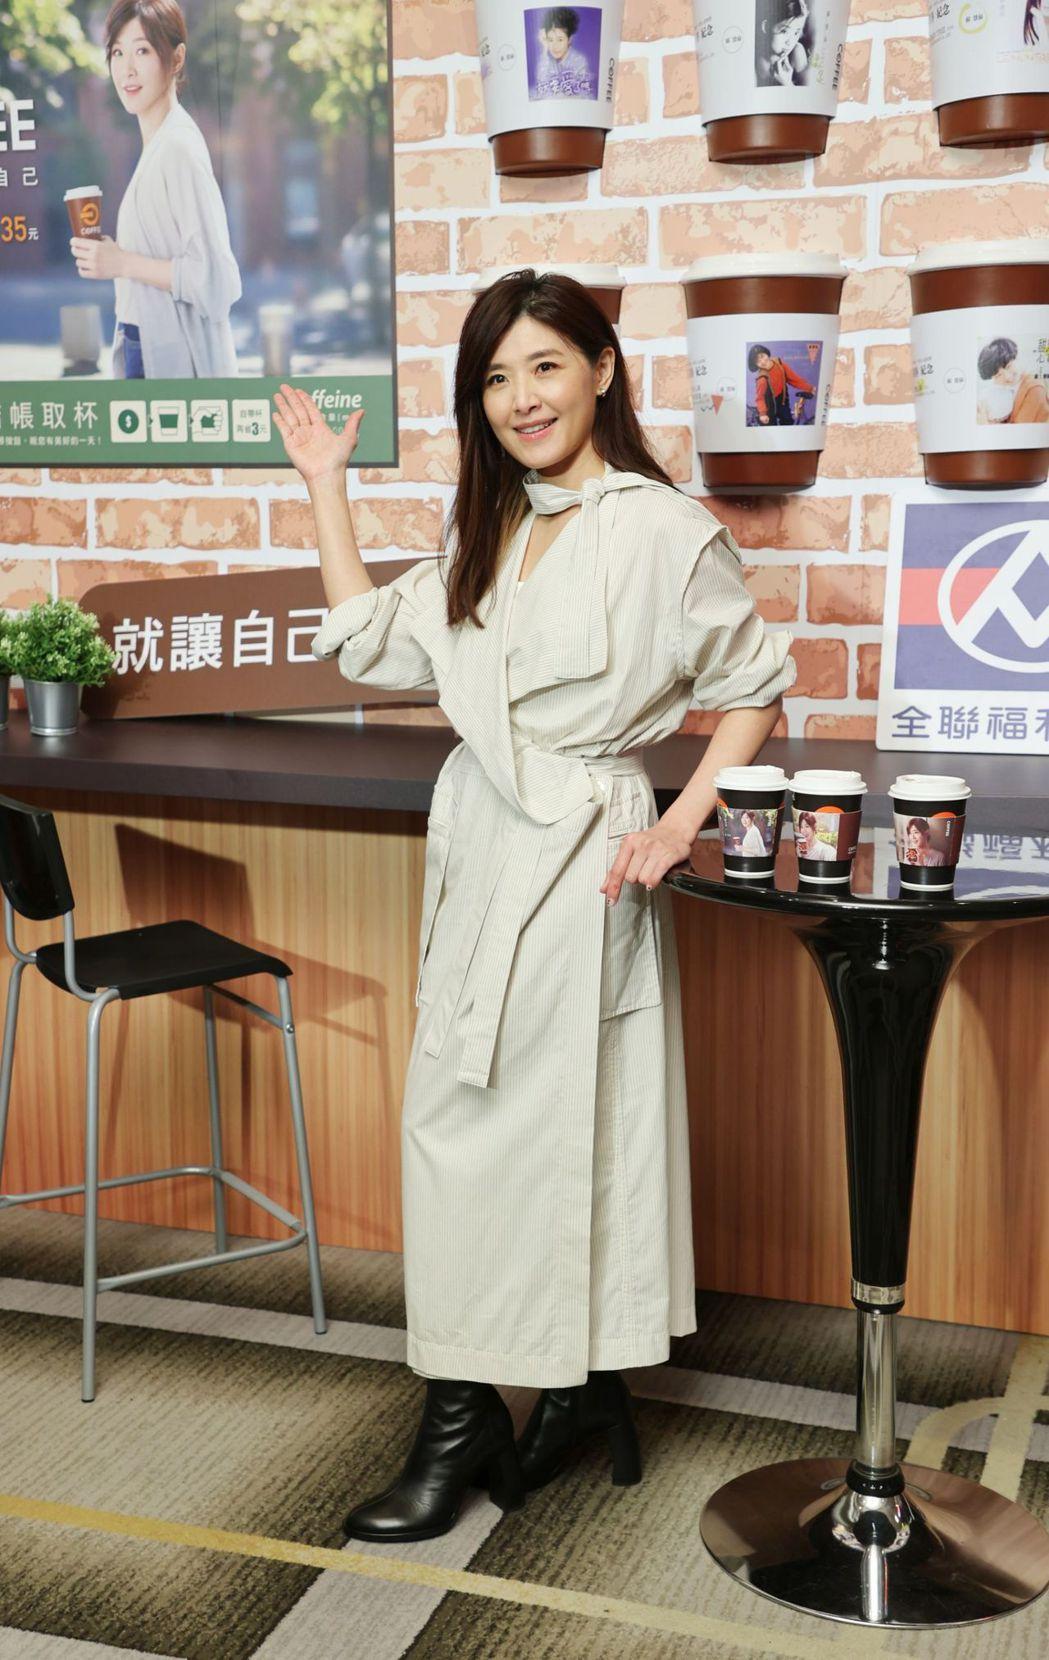 蘇慧倫擔任全聯咖啡代言人並化身杯套美人。記者陳正興/攝影